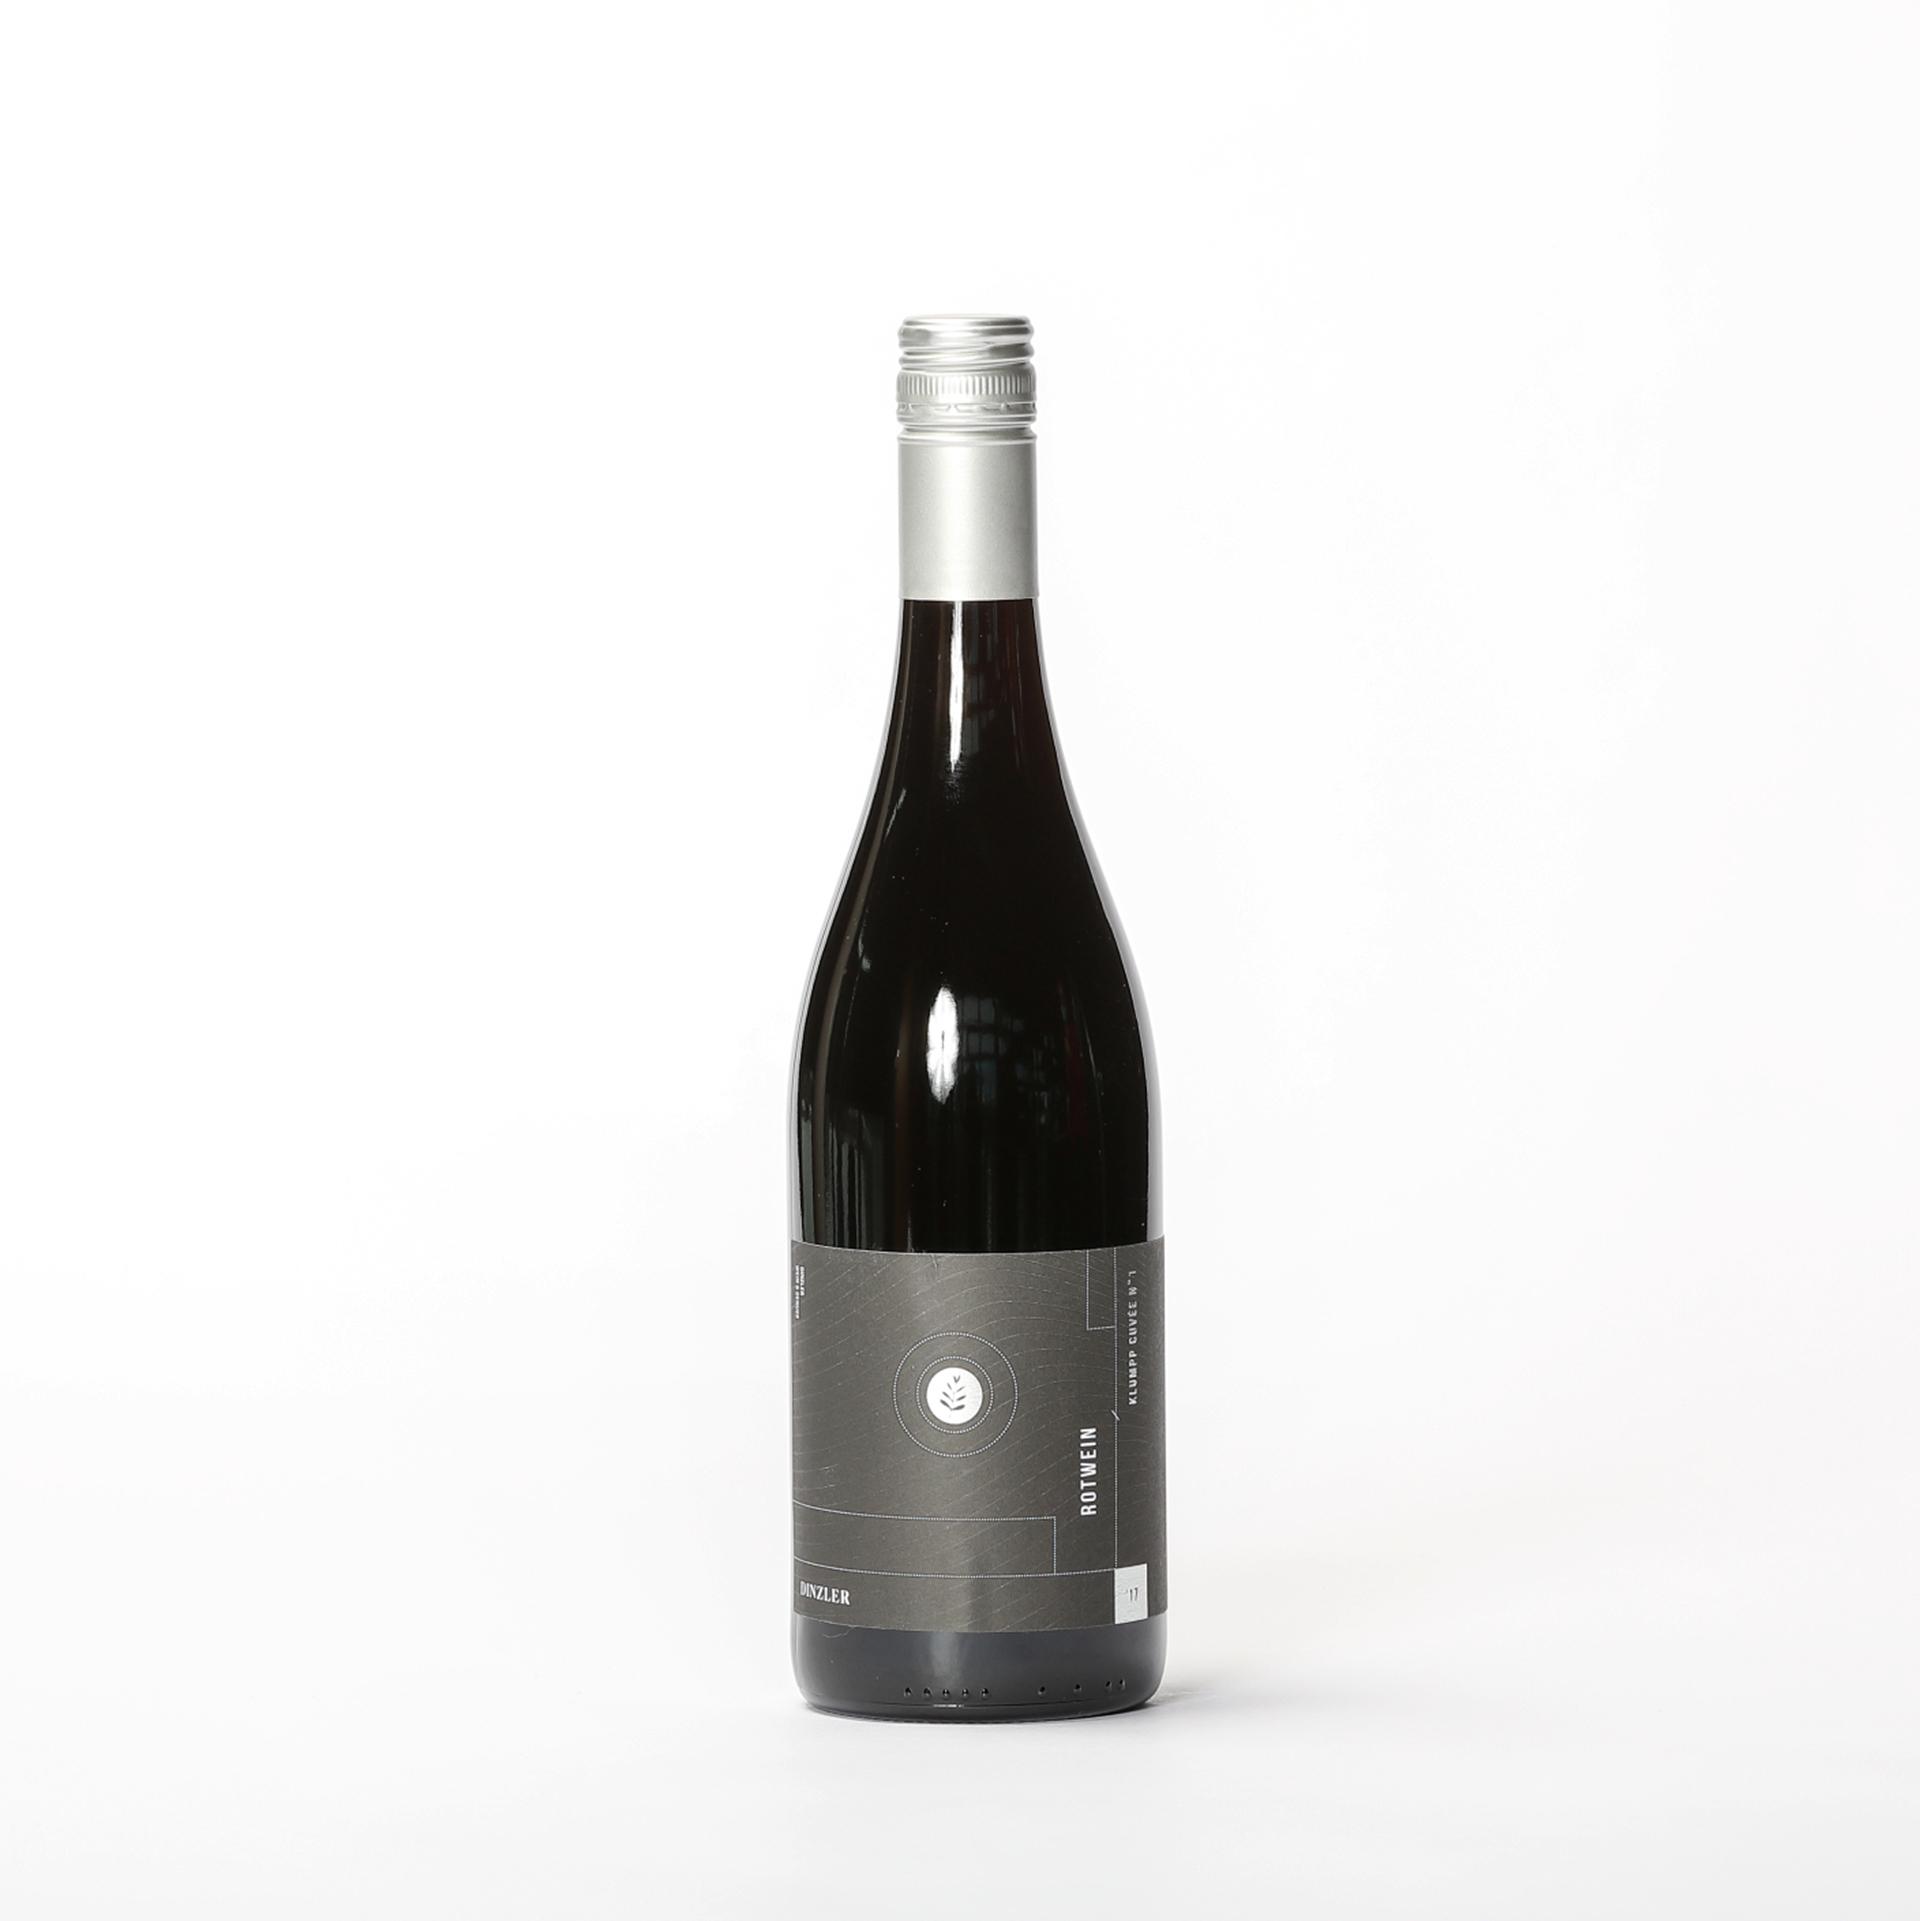 DINZLER Hauswein Cuvée rot (No1) 2018 - Weingut Klumpp